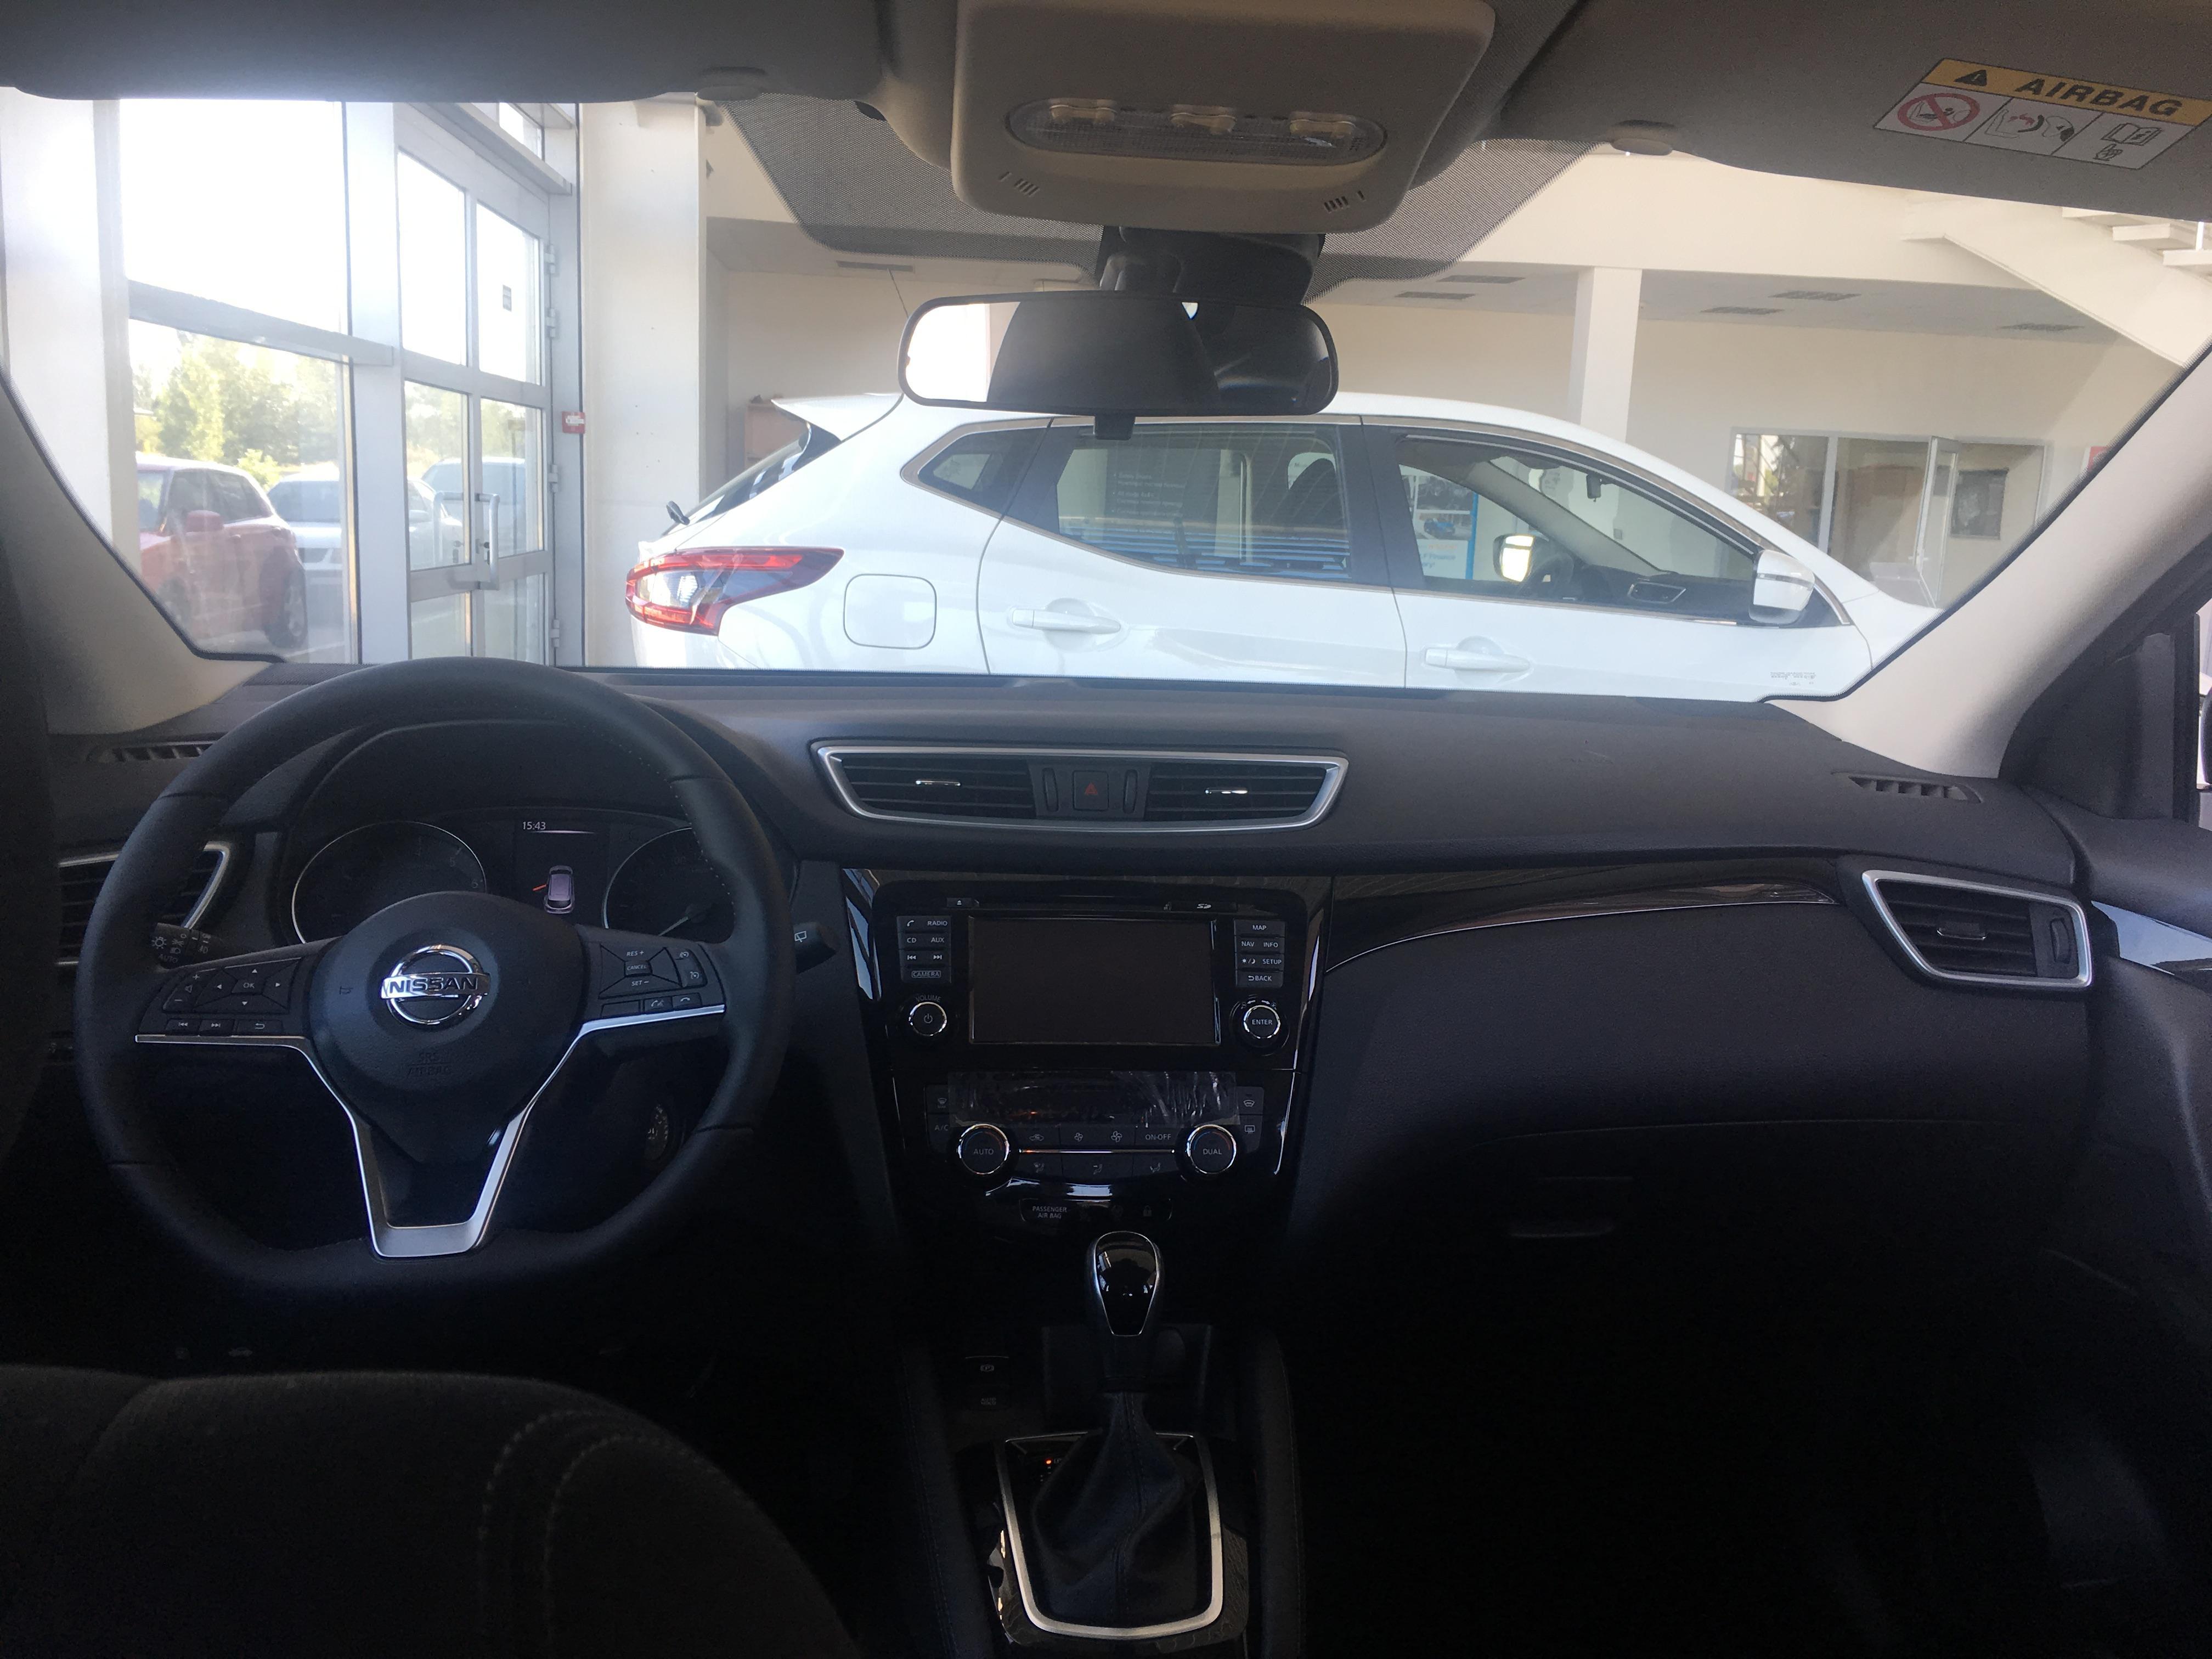 new_avto-1227371620.JPG